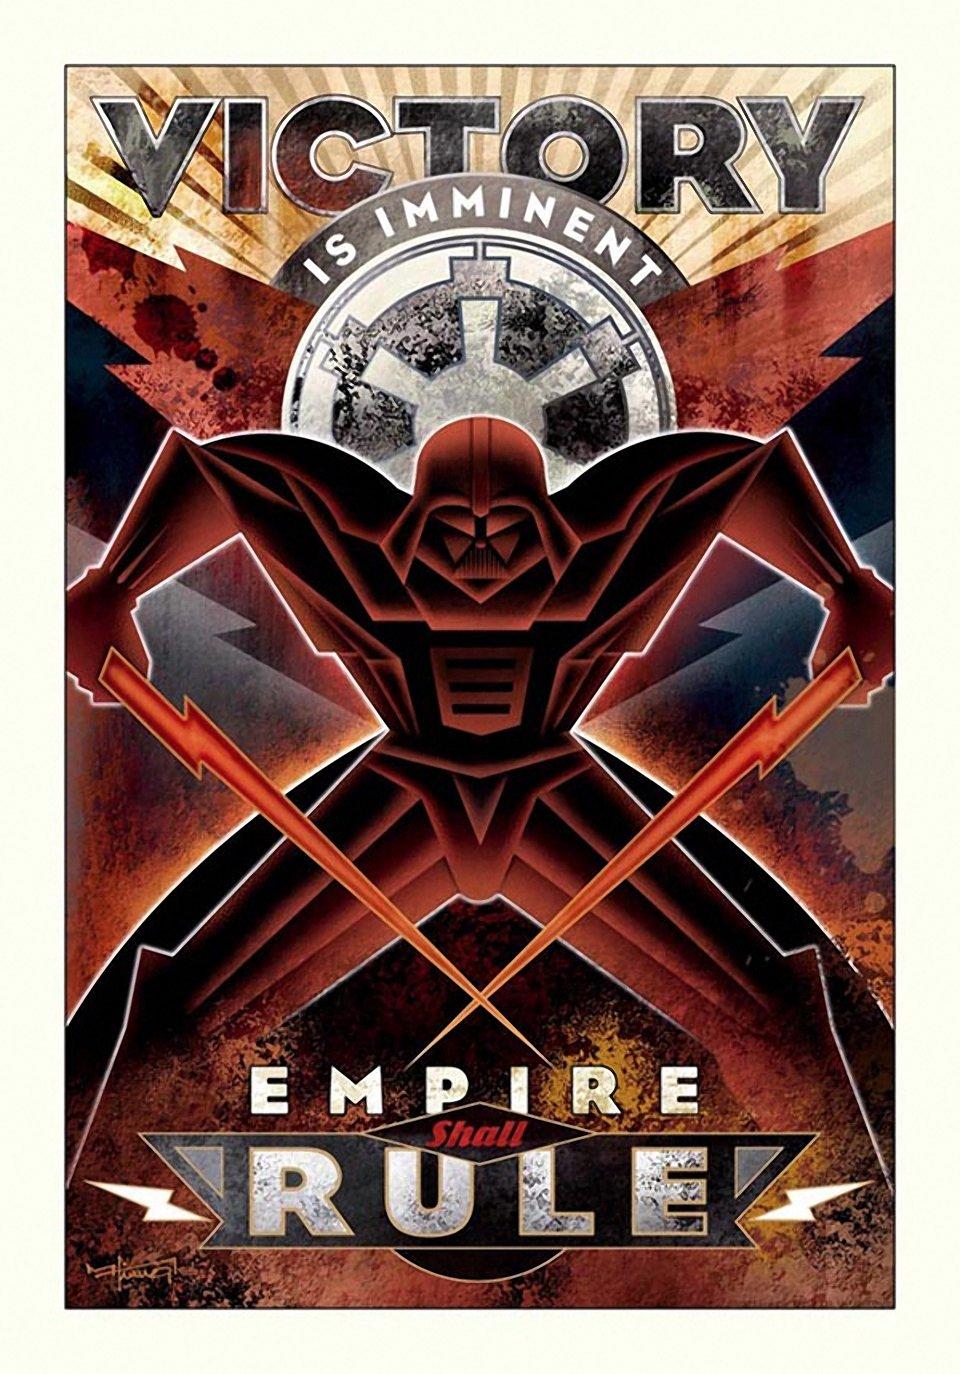 Star Wars Propaganda Posters at Downtown Disney